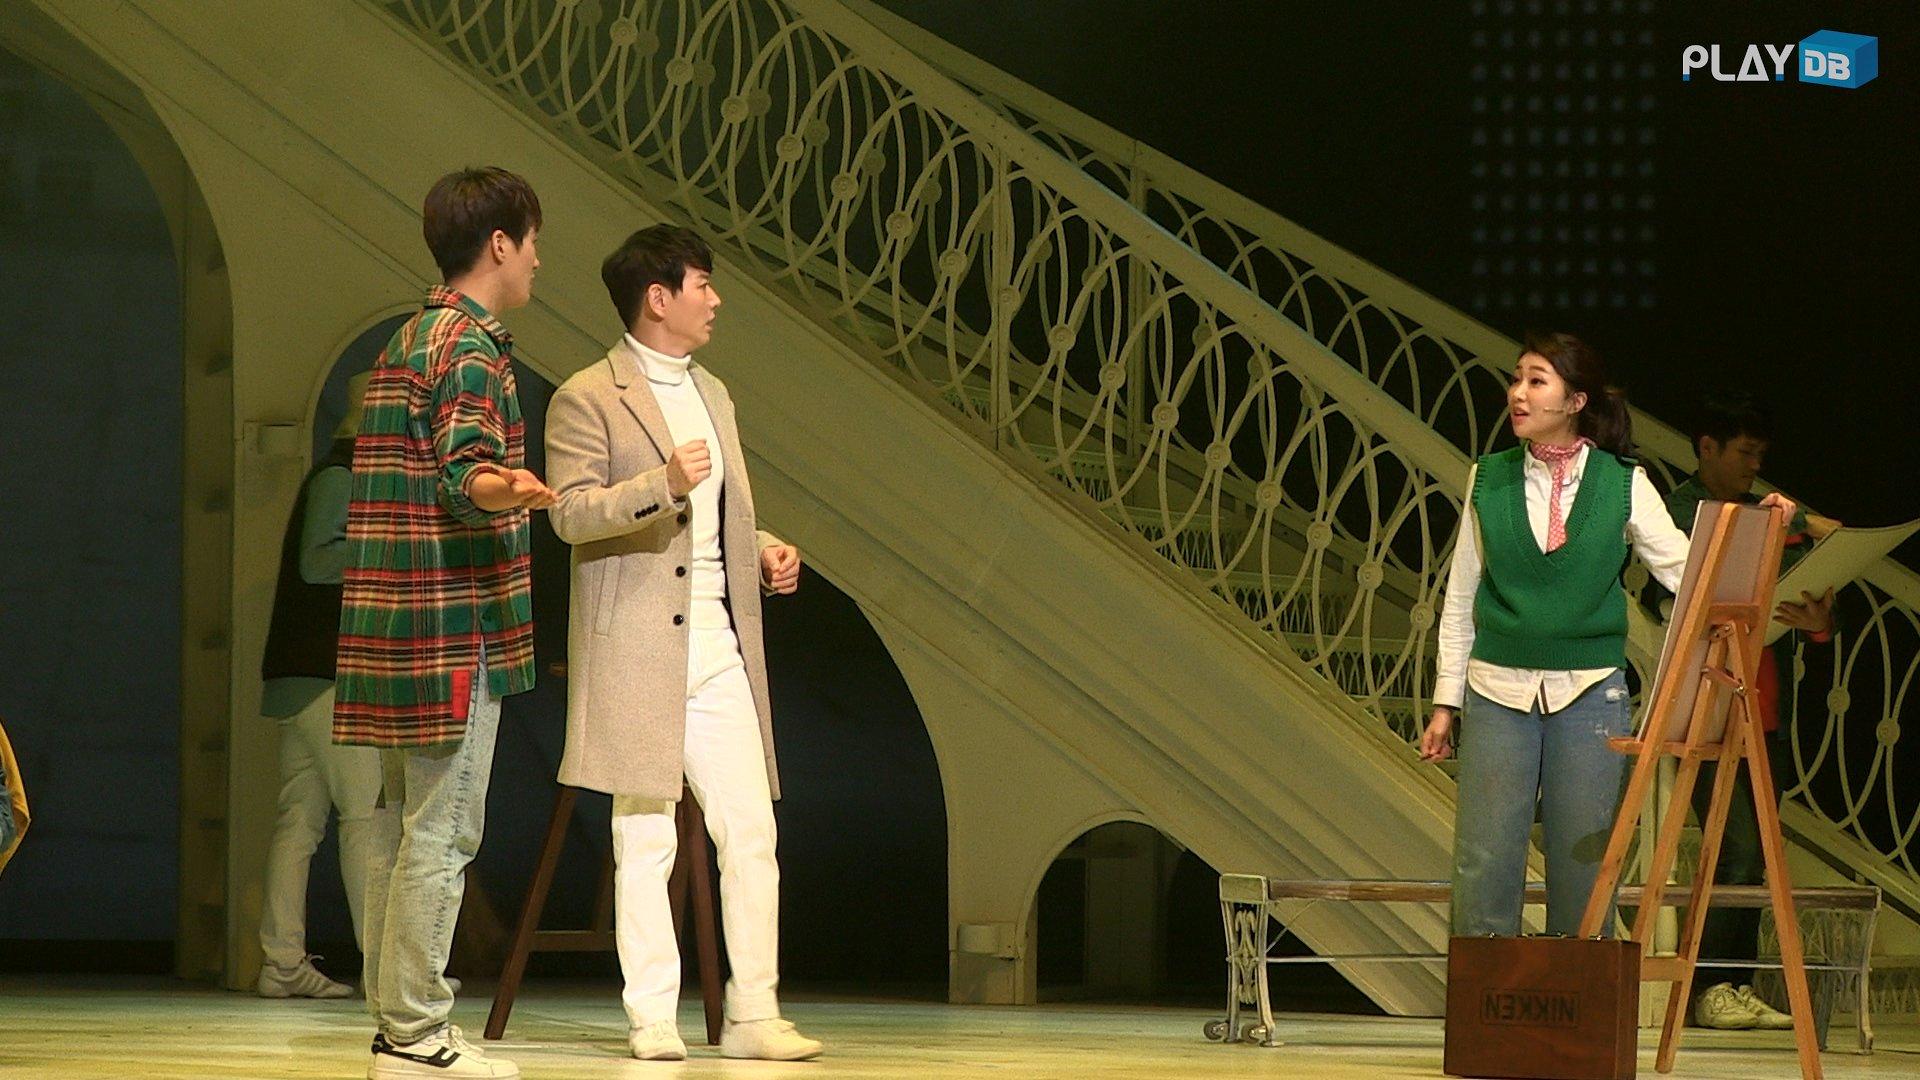 '광화문연가' 소녀 - 이건명, 구원영, 정욱진, 이봄소리 등